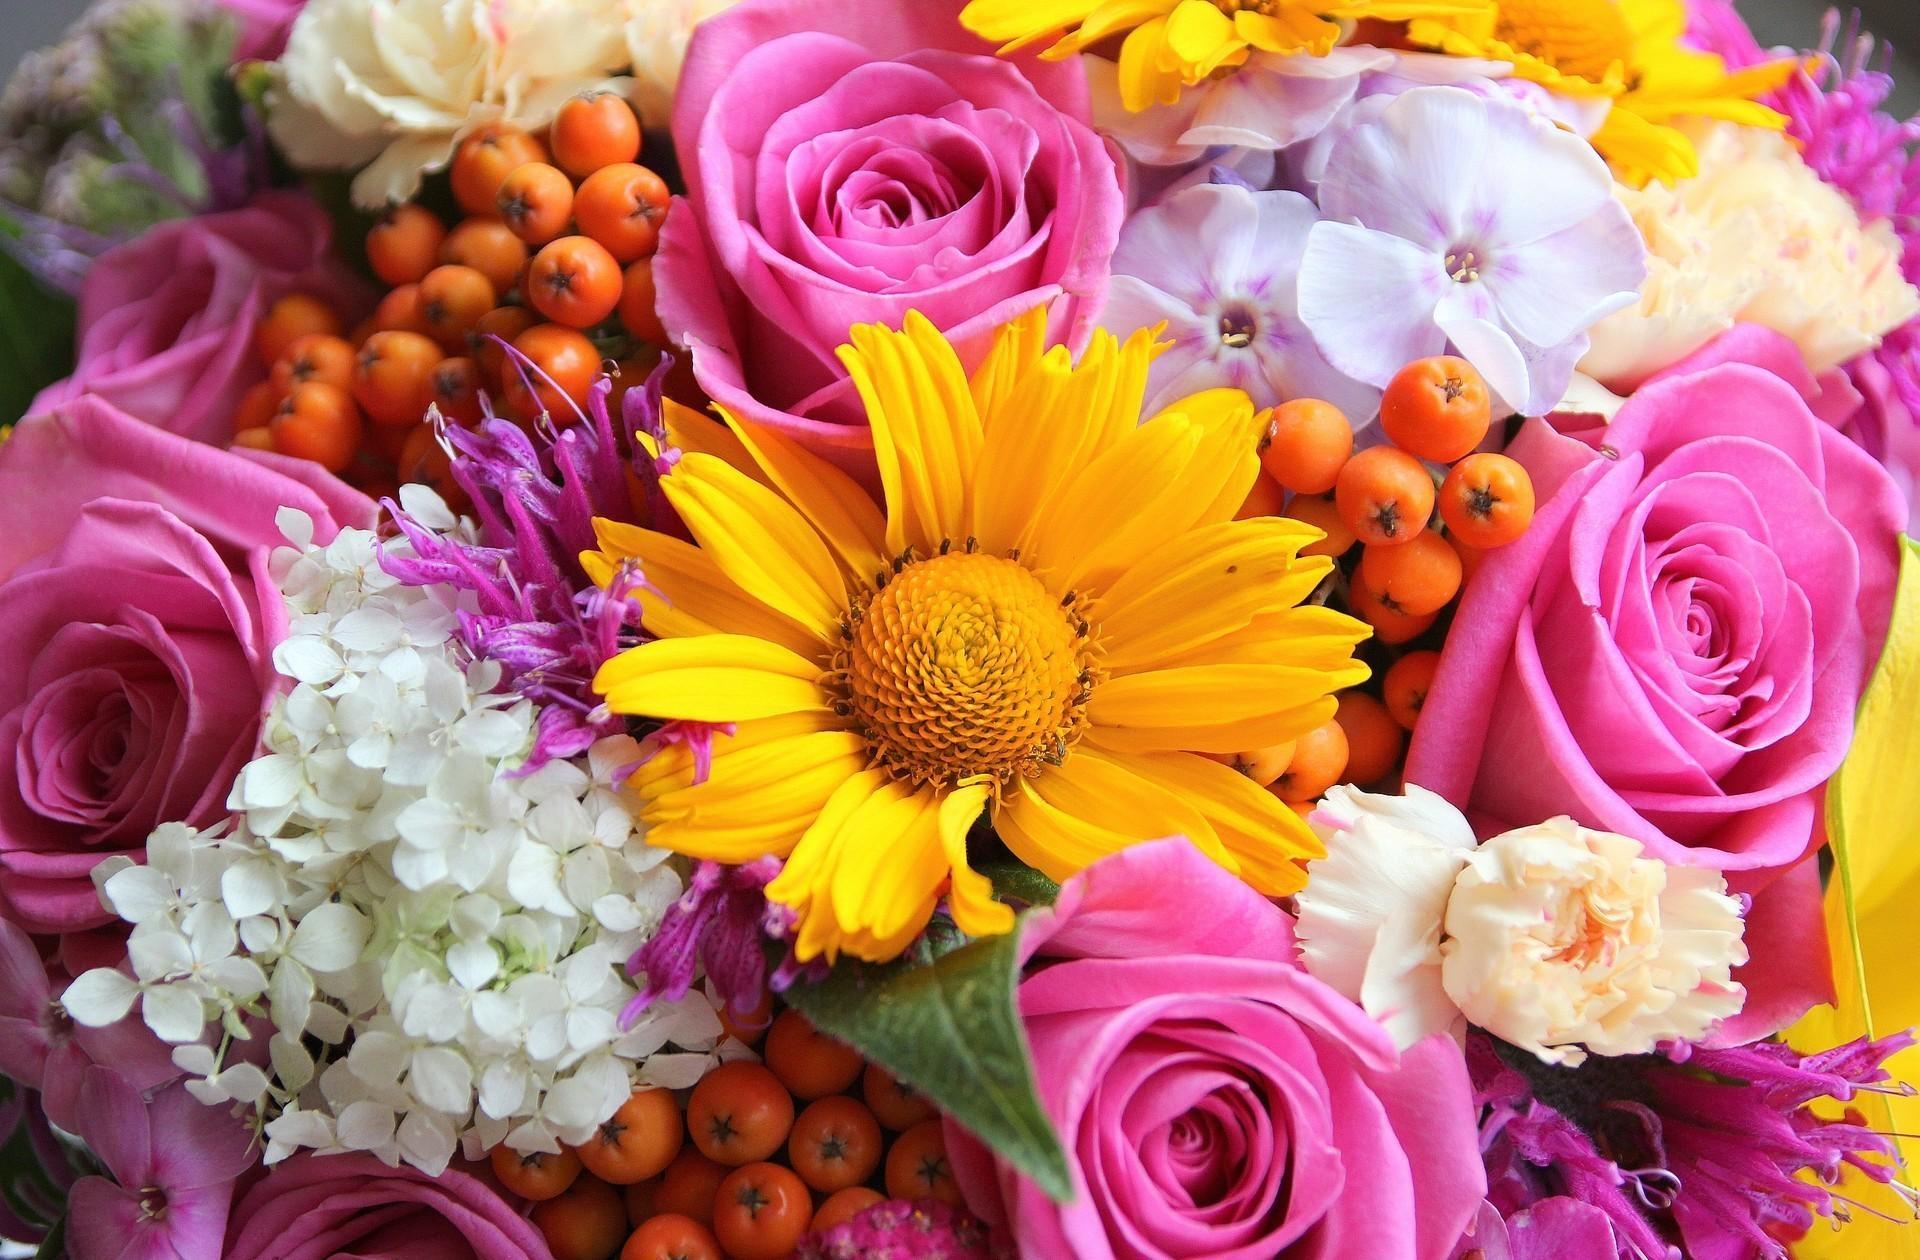 158135 скачать обои Рябина, Розы, Цветы, Герберы, Букет, Крупный План, Флоксы - заставки и картинки бесплатно